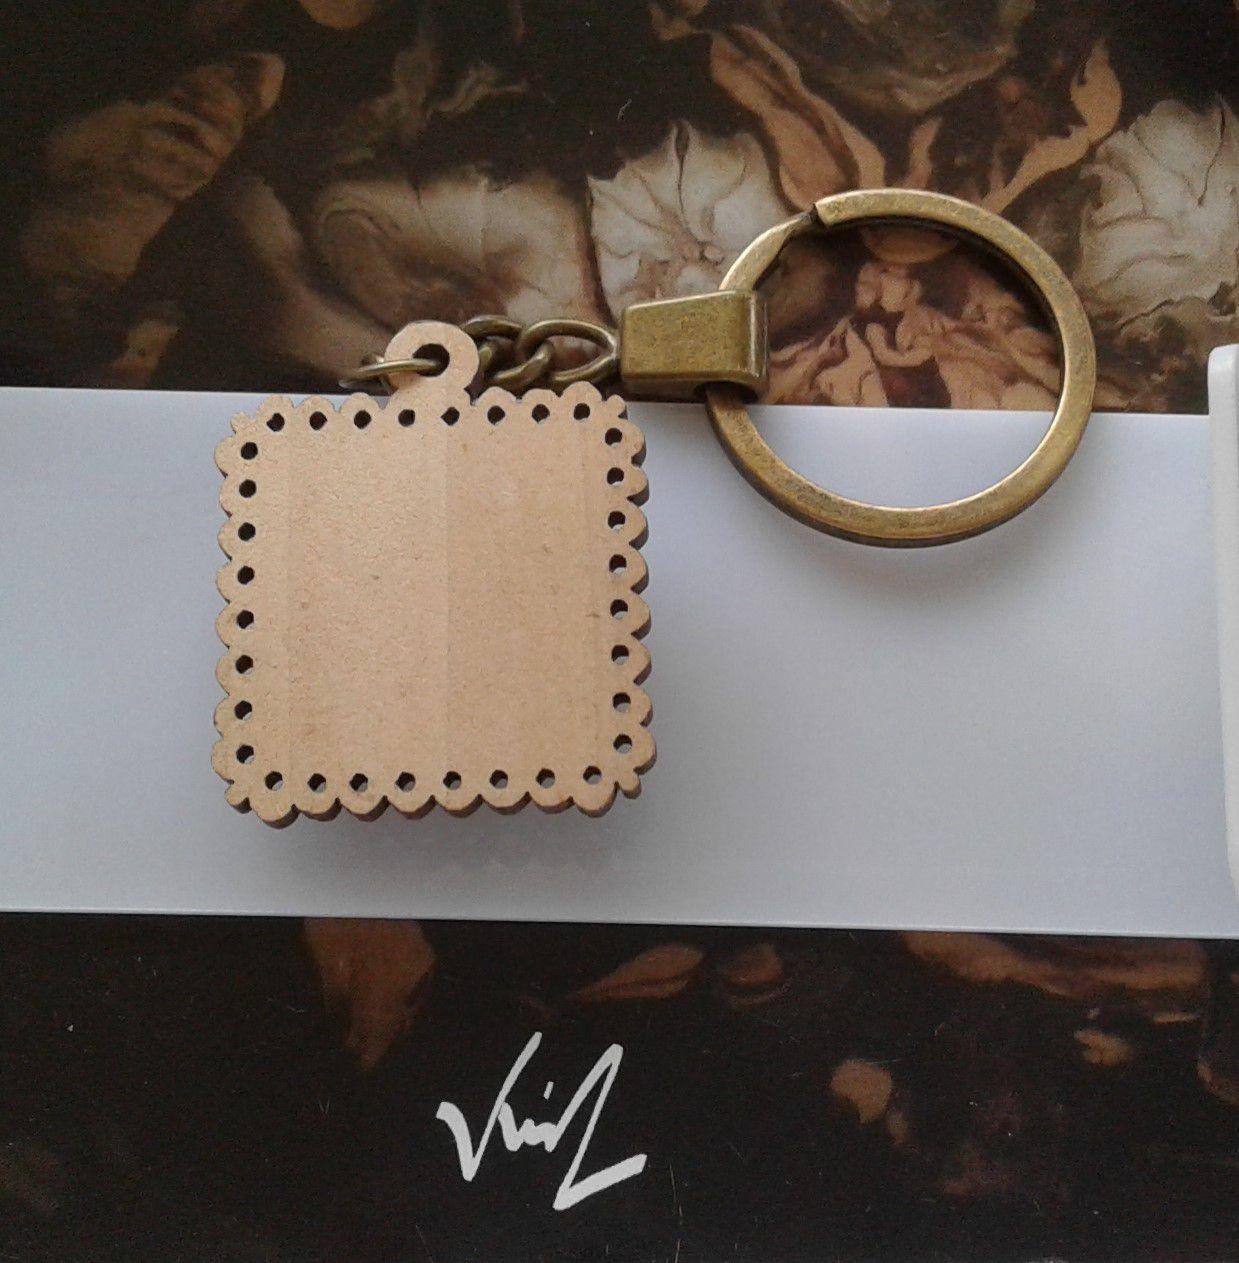 Fait mains en France,porte clé quartz rose,pierre fine semi précieuse,bois naturel,cabochon carré 20mm,ouvragé,fermoir anneau laiton bronze,accessoire maroquinerie clé,bijou de sac,cadeau fete anniversaire unisex,bobo boho gothique,baroque art deco edouardien,victorien